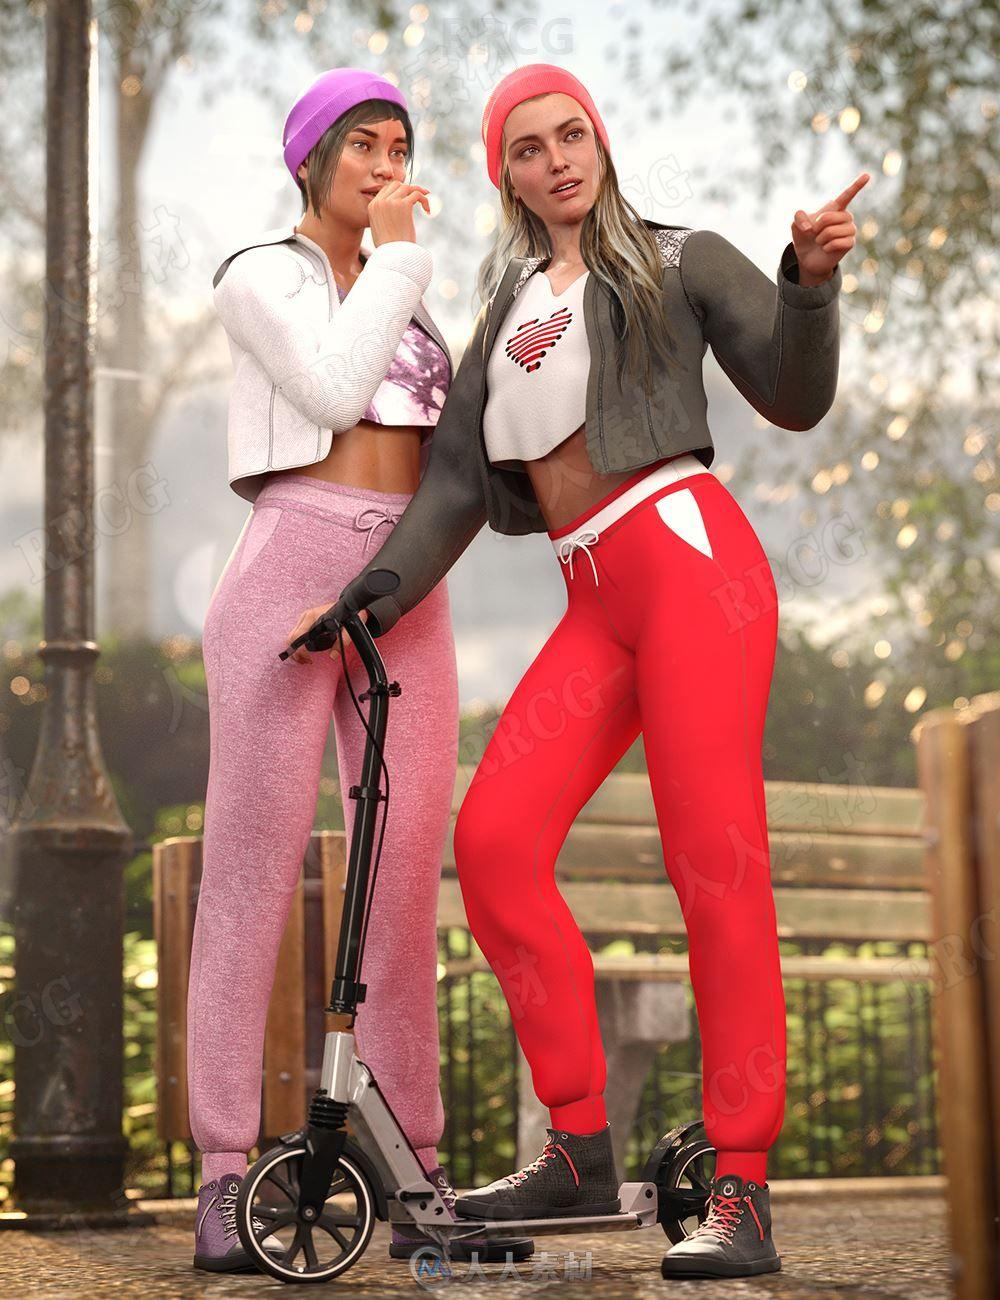 春秋女性多彩运动套装3D模型合集